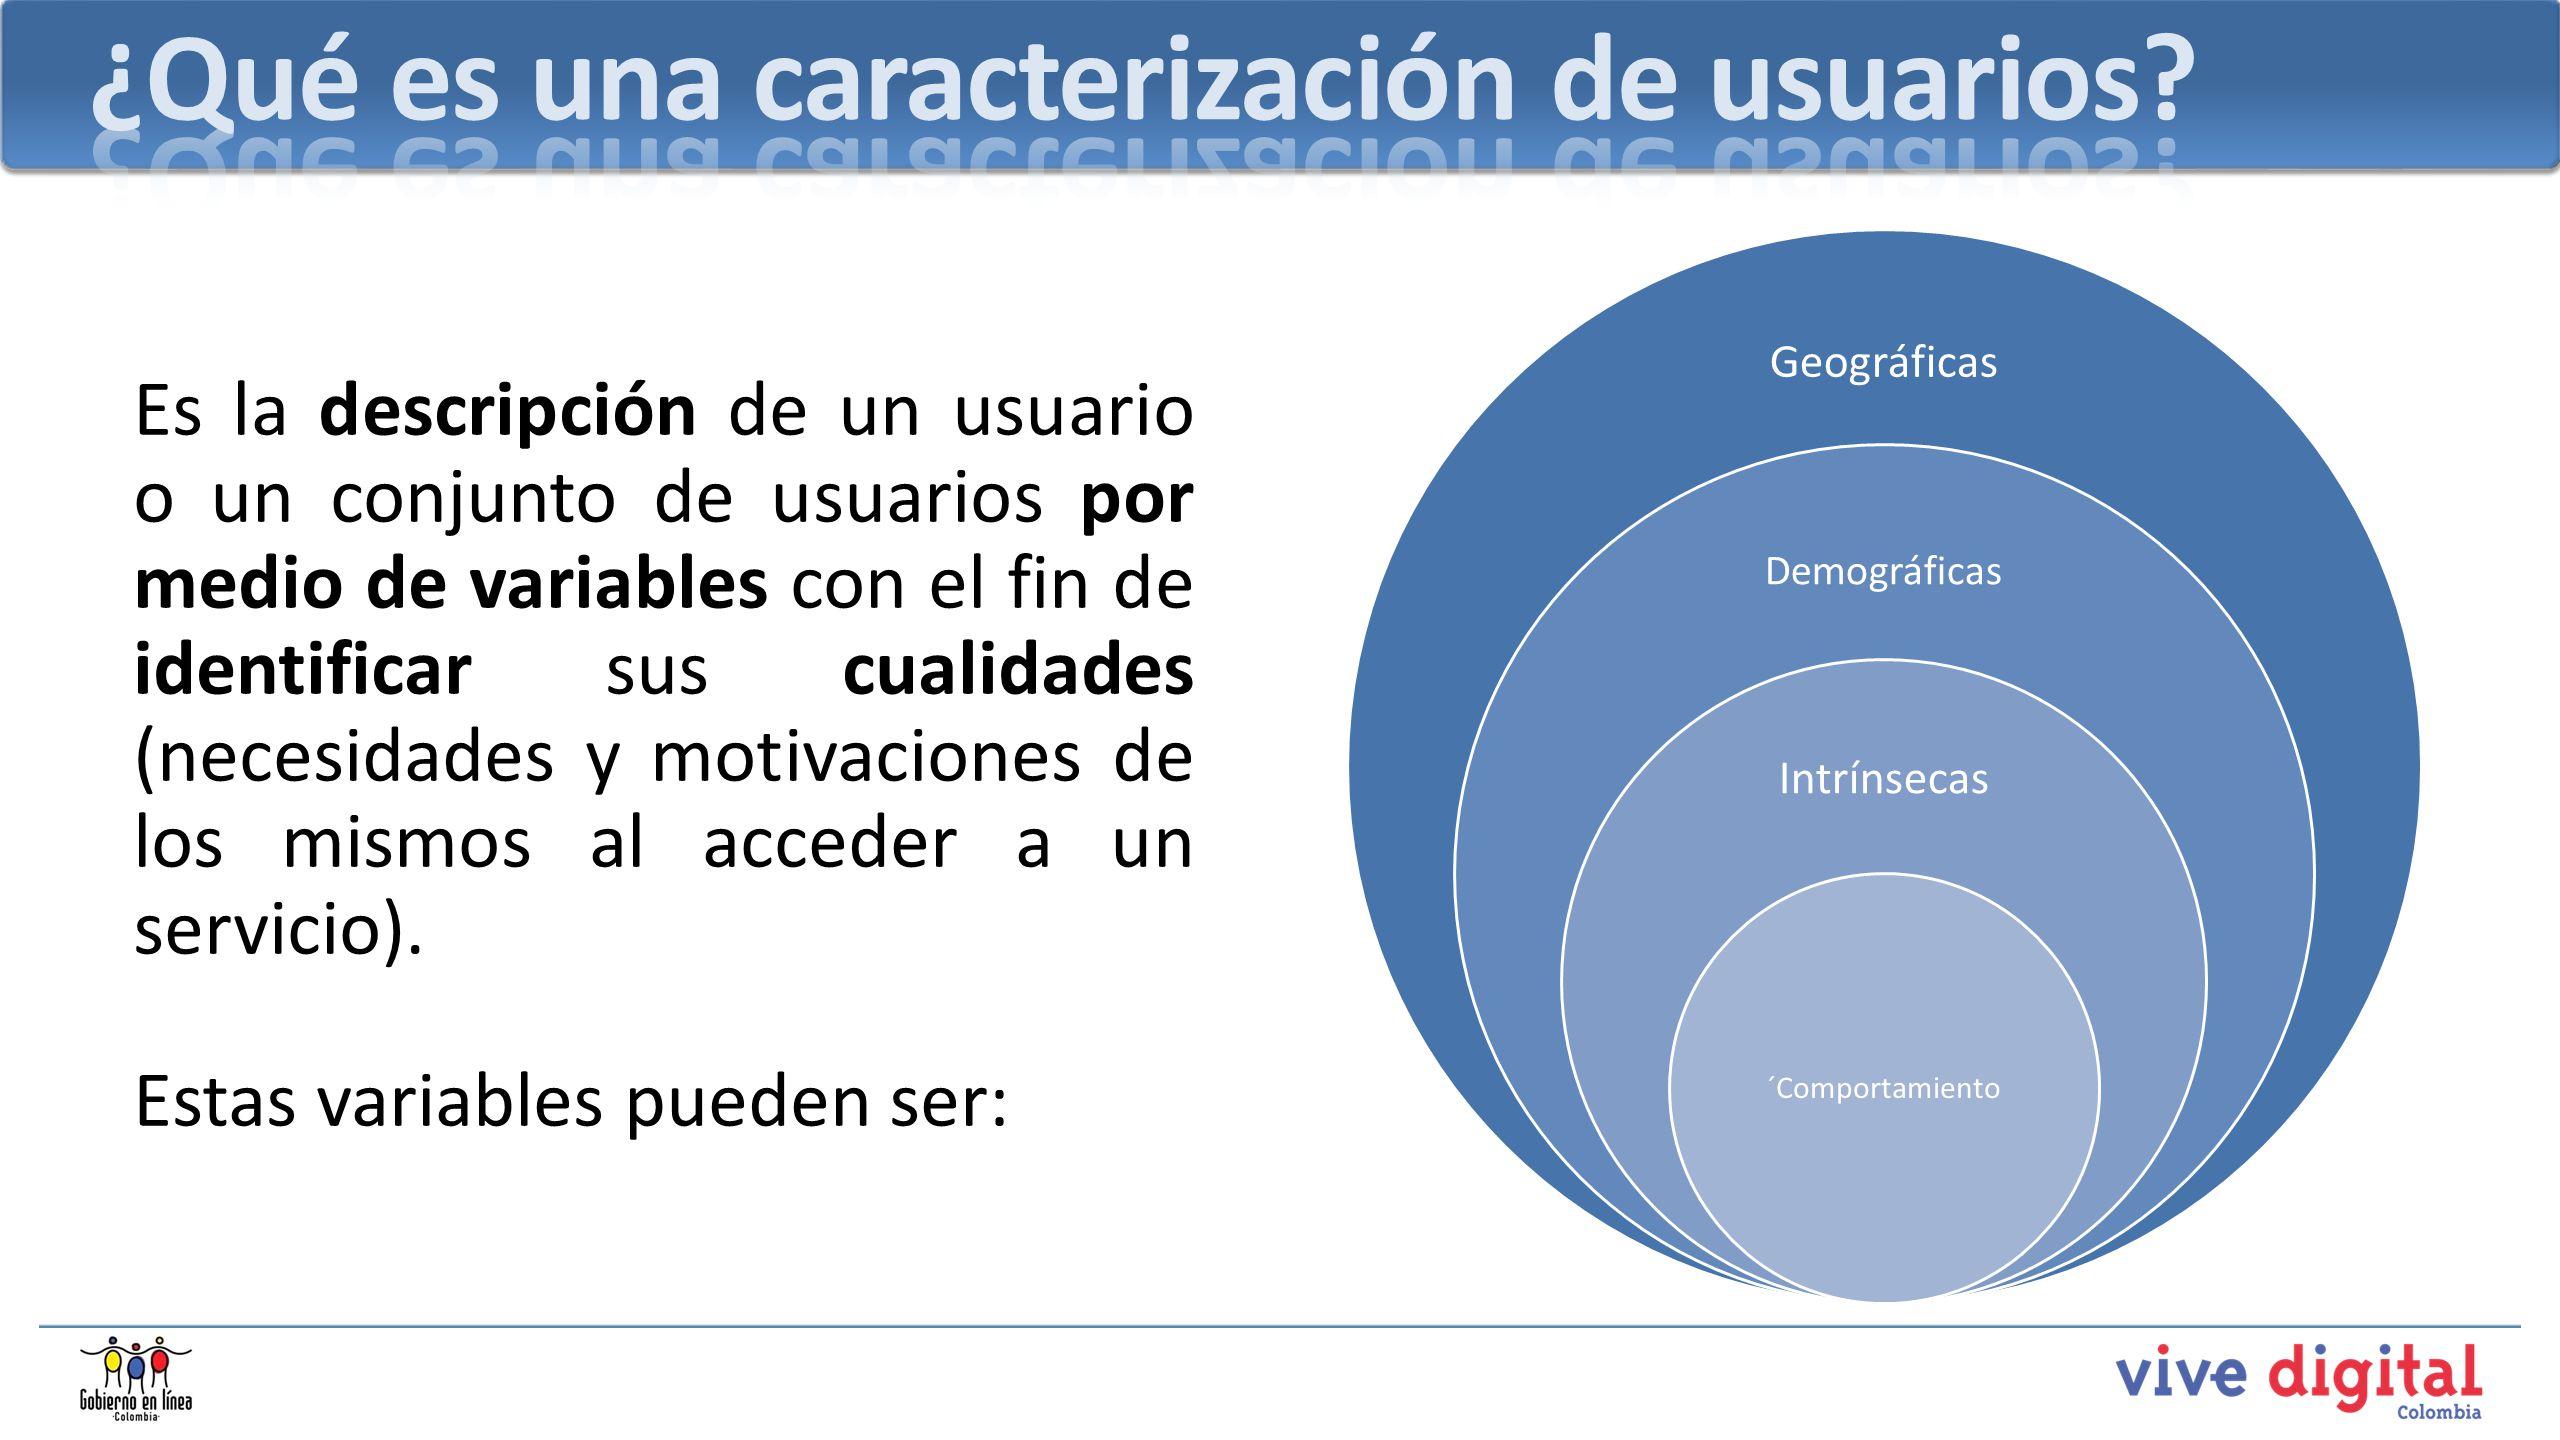 Es la descripción de un usuario o un conjunto de usuarios por medio de variables con el fin de identificar sus cualidades (necesidades y motivaciones